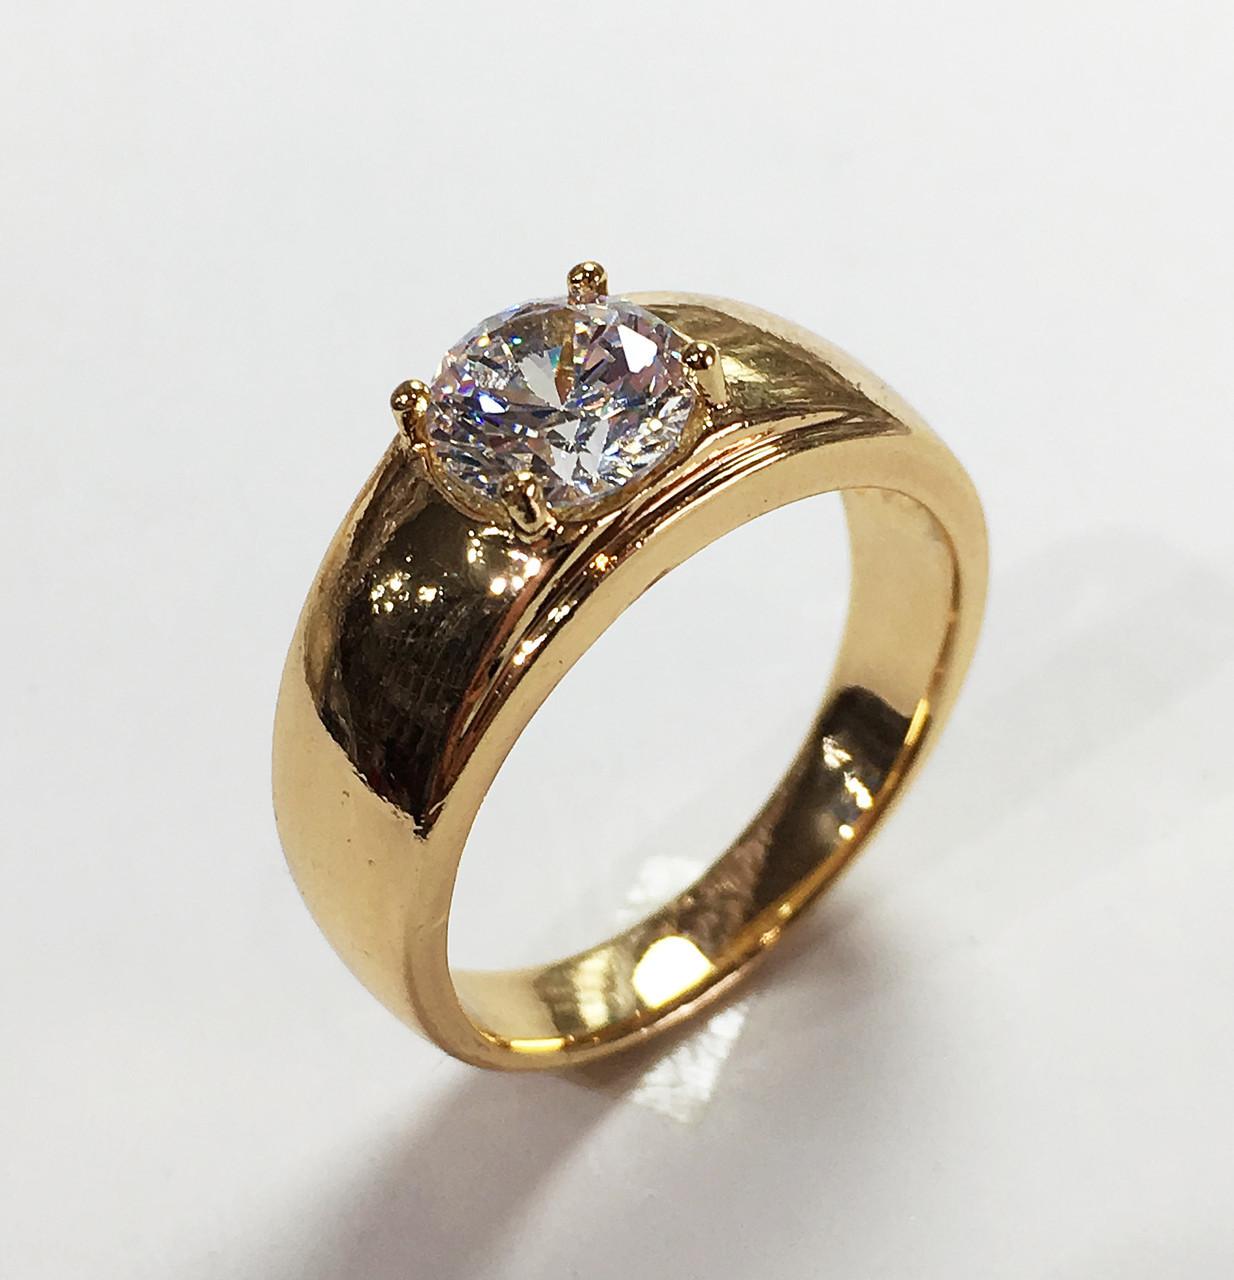 Кольцо Леди Ди, размер 17, 18, 19 ювелирная бижутерия XP